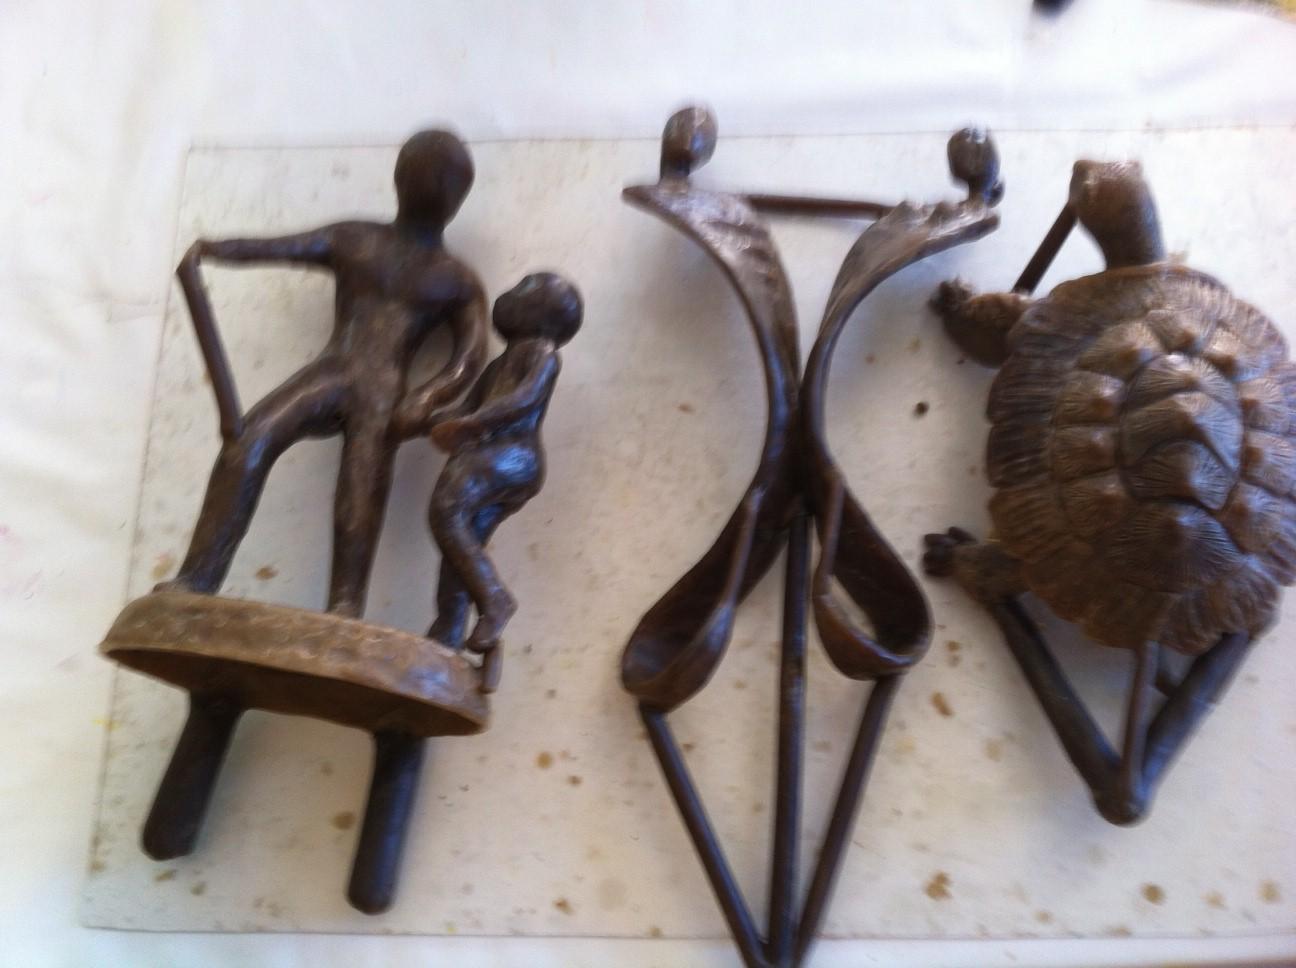 014 -2014 - 24 Lamonzie St Martin - Atelier, technique du bronze à la cire perdue - Chez Karine Dikoumé, artiste peintre